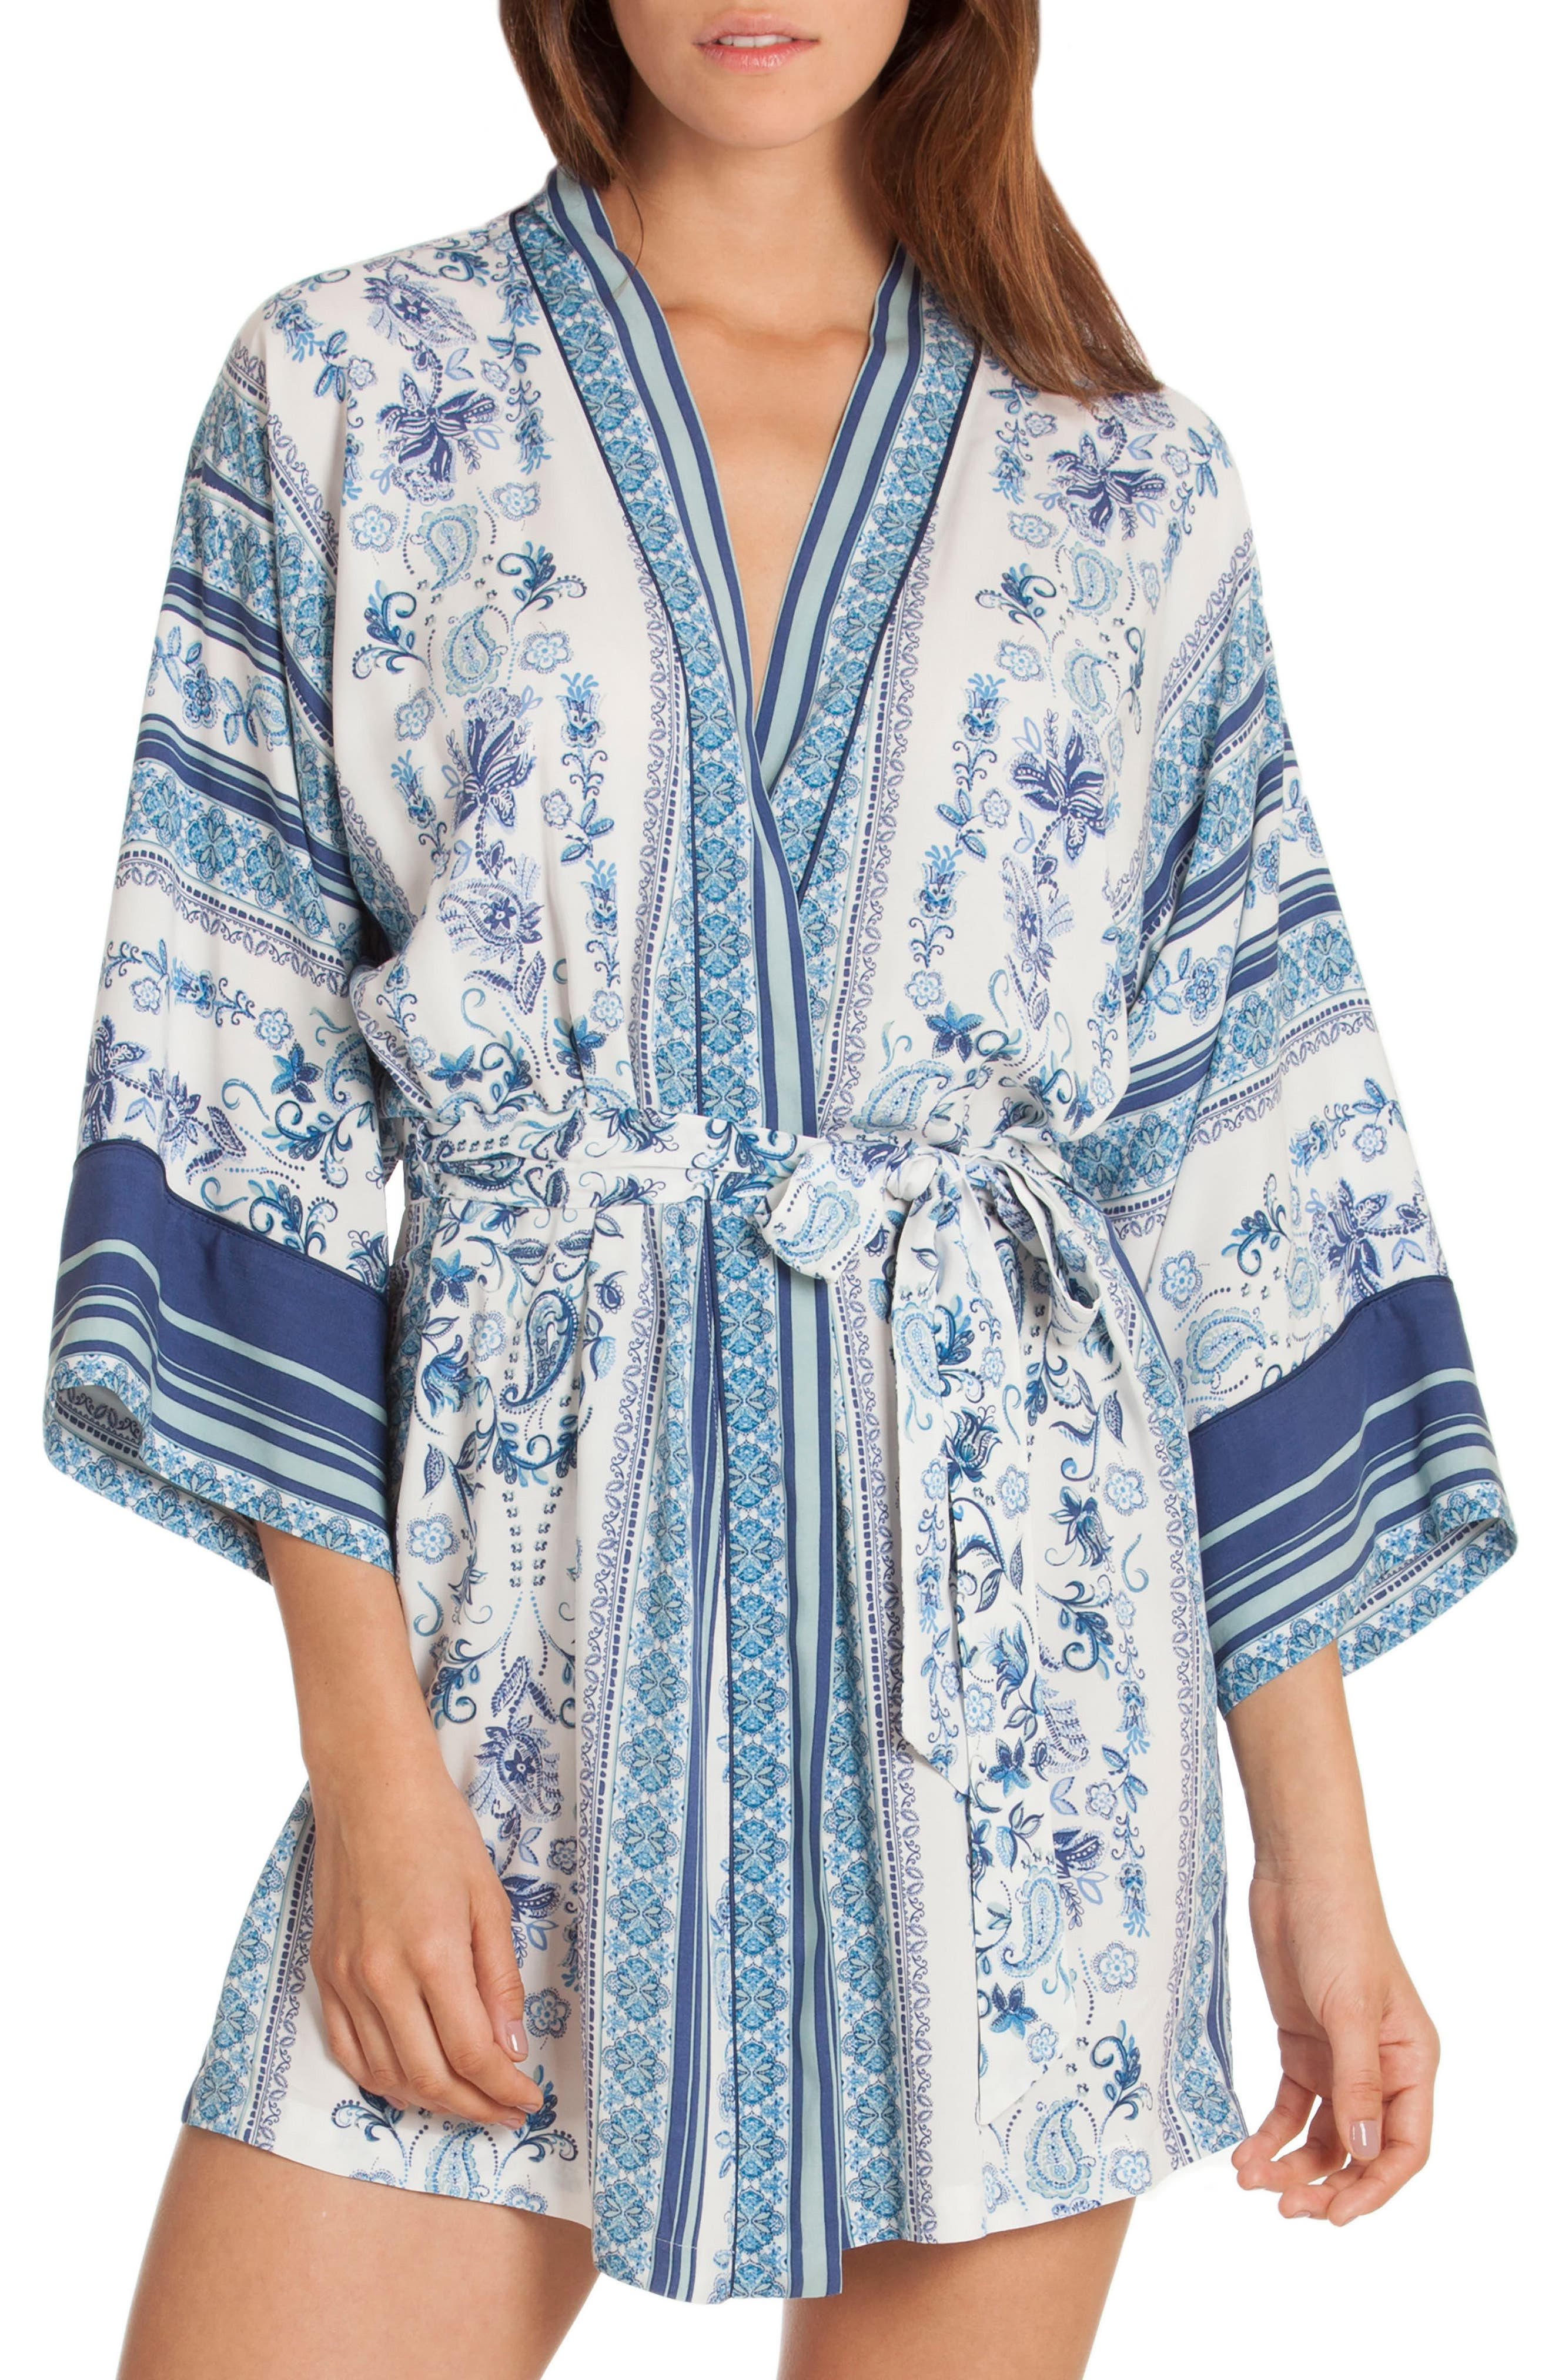 Wrap,                         Main,                         color, Blue/ White Print